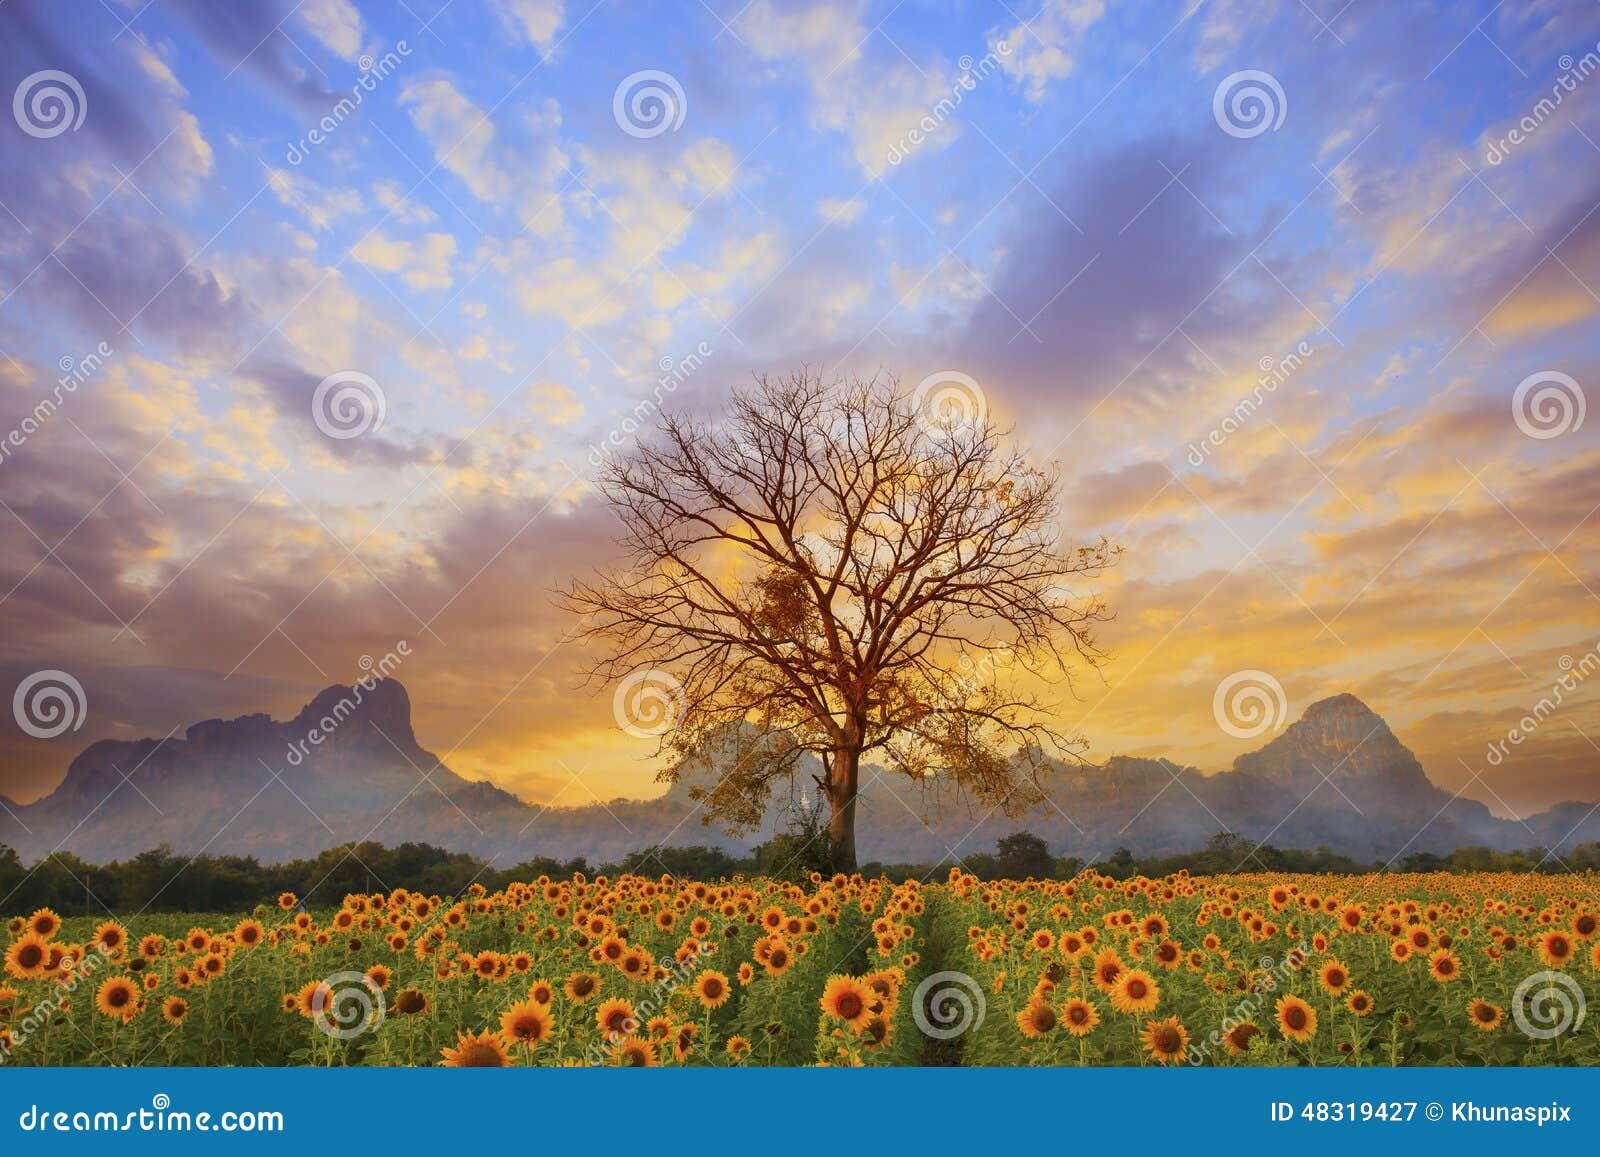 Le beau paysage de la branche d arbre sèche et le gisement de fleurs du soleil contre le ciel sombre de soirée colorée emploient